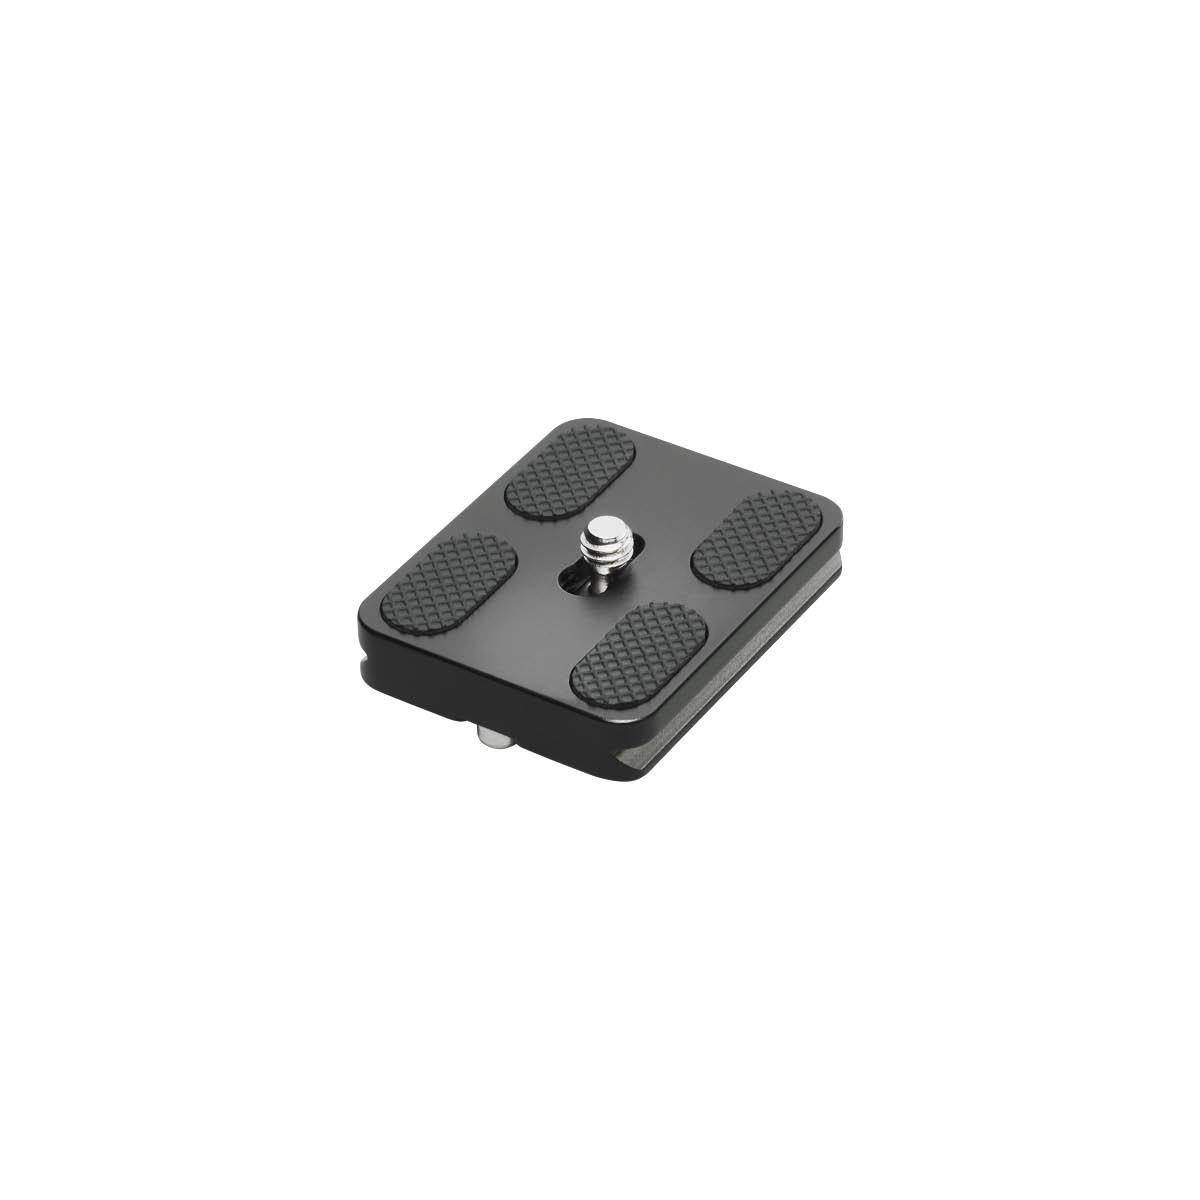 Cullmann Schnellwechselplatte Mundo MX484